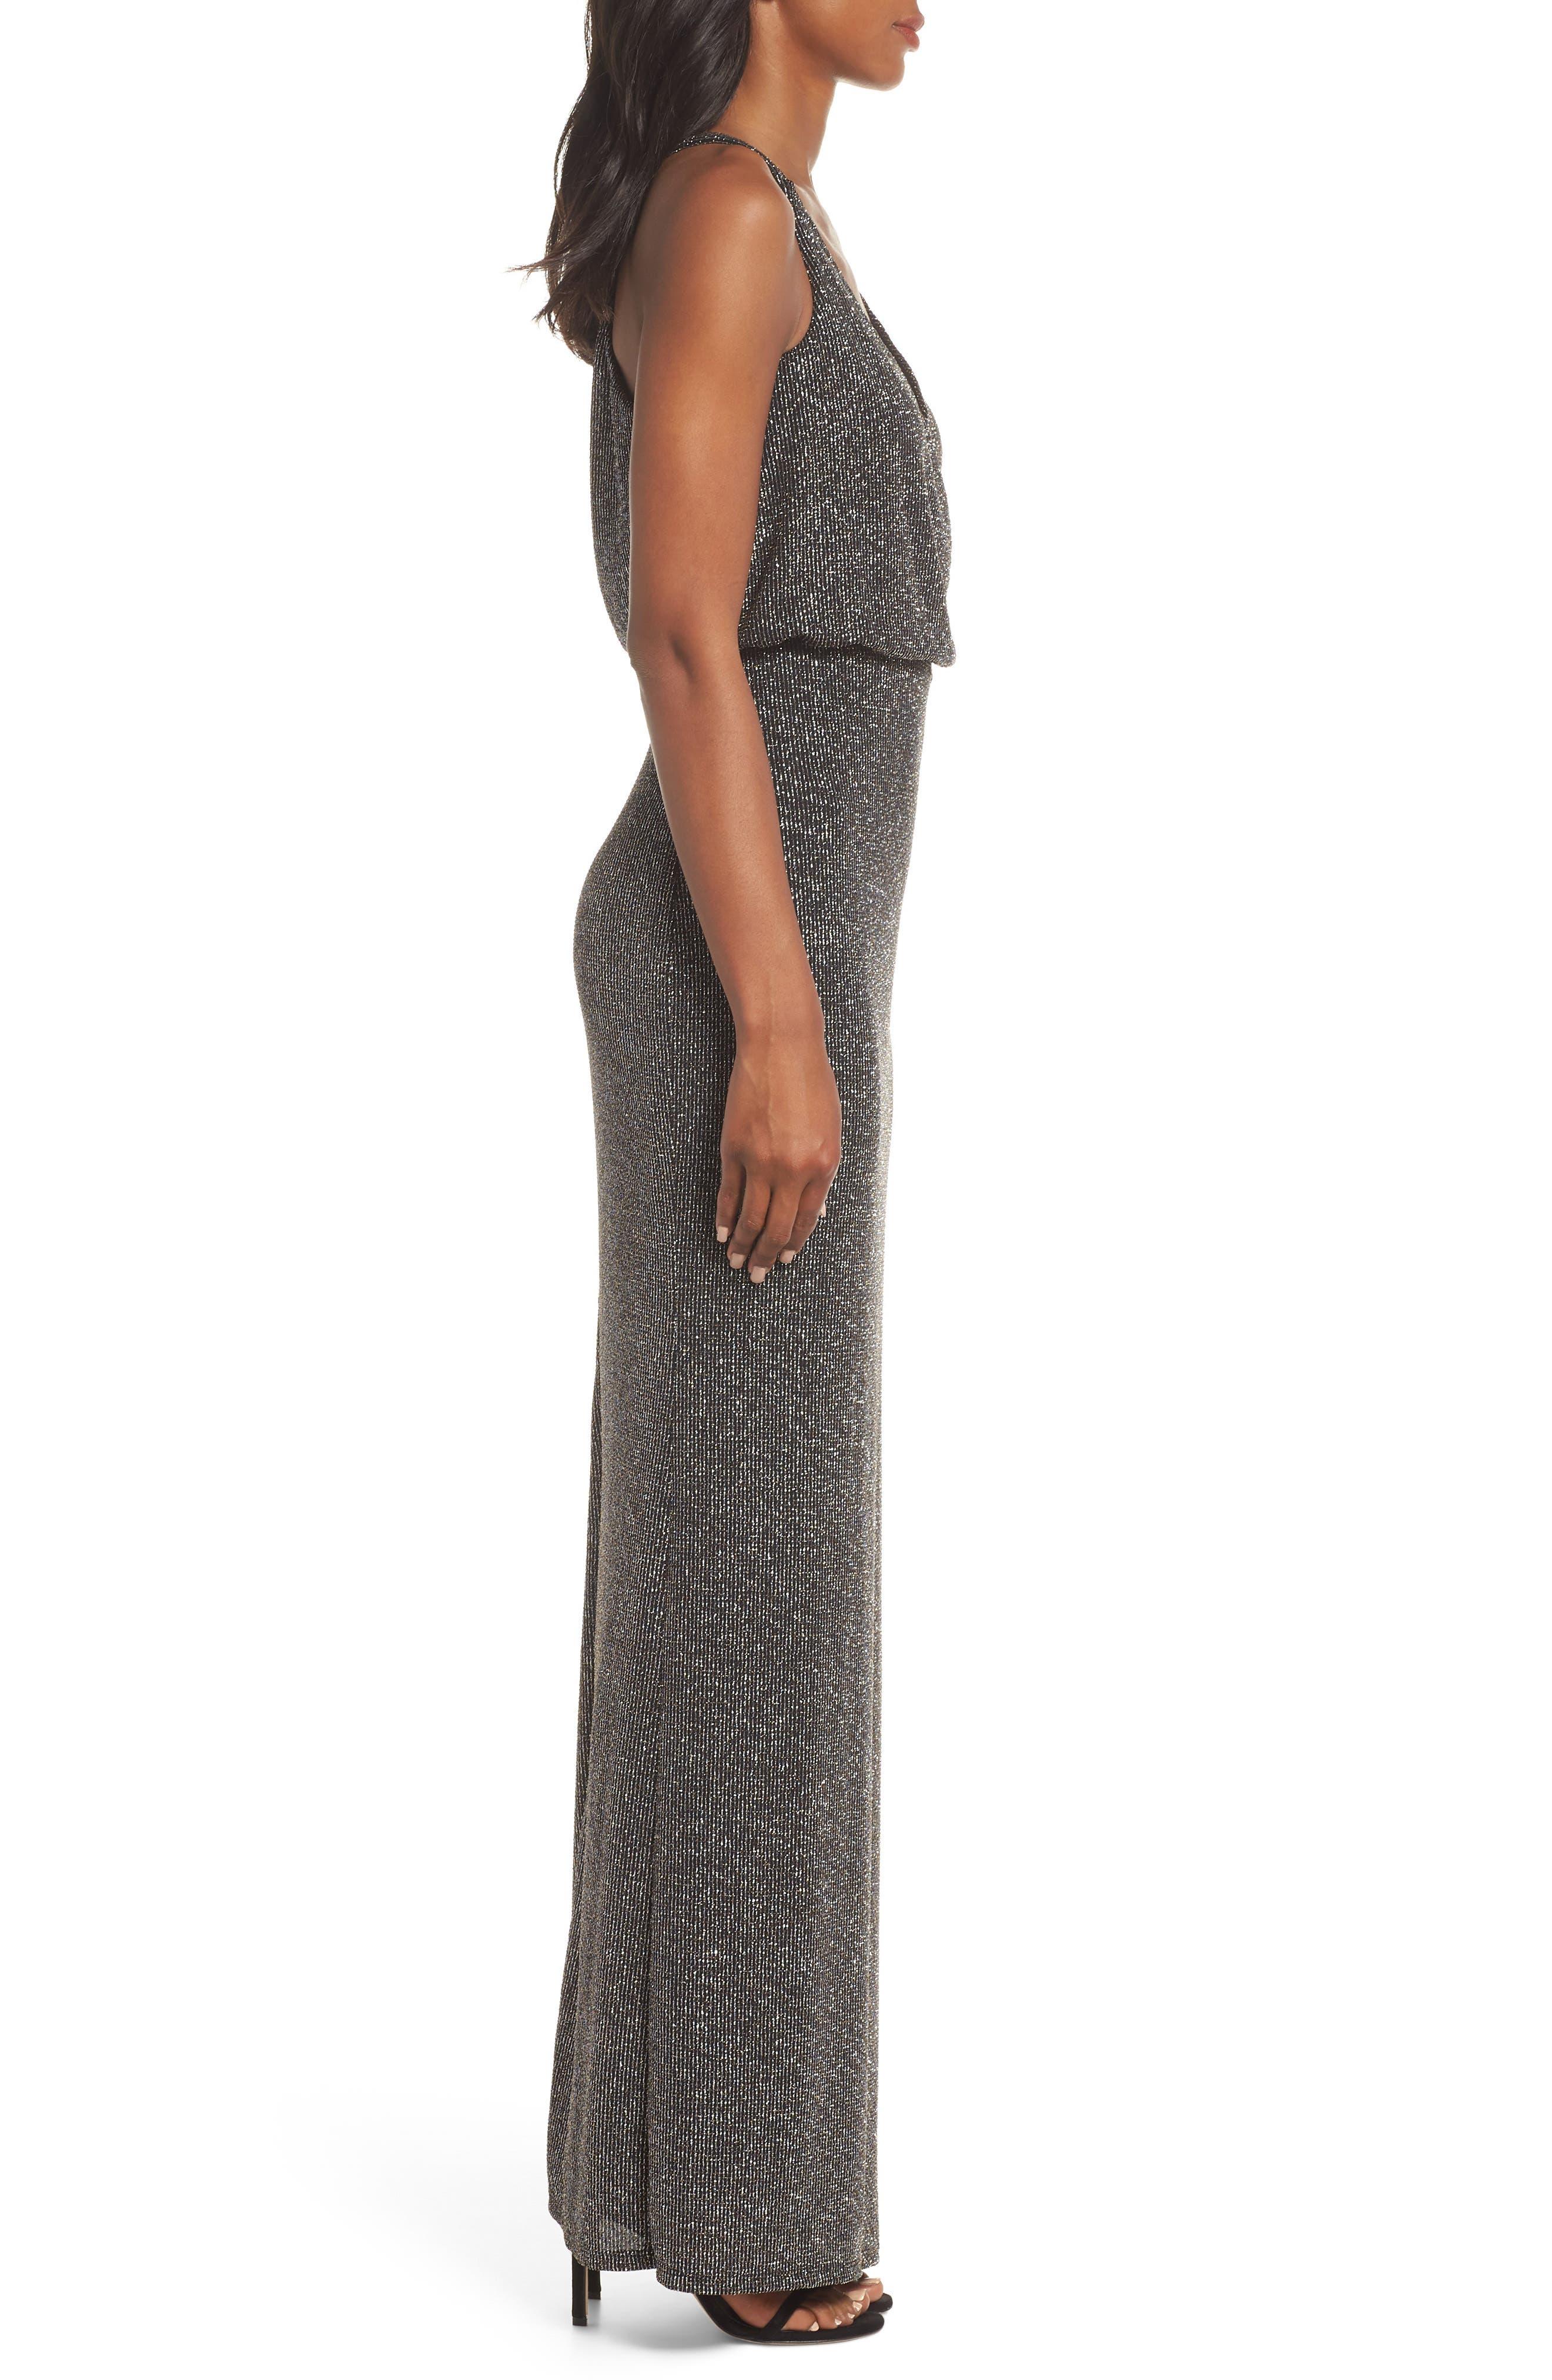 Blouson Gown,                             Alternate thumbnail 3, color,                             BLACK